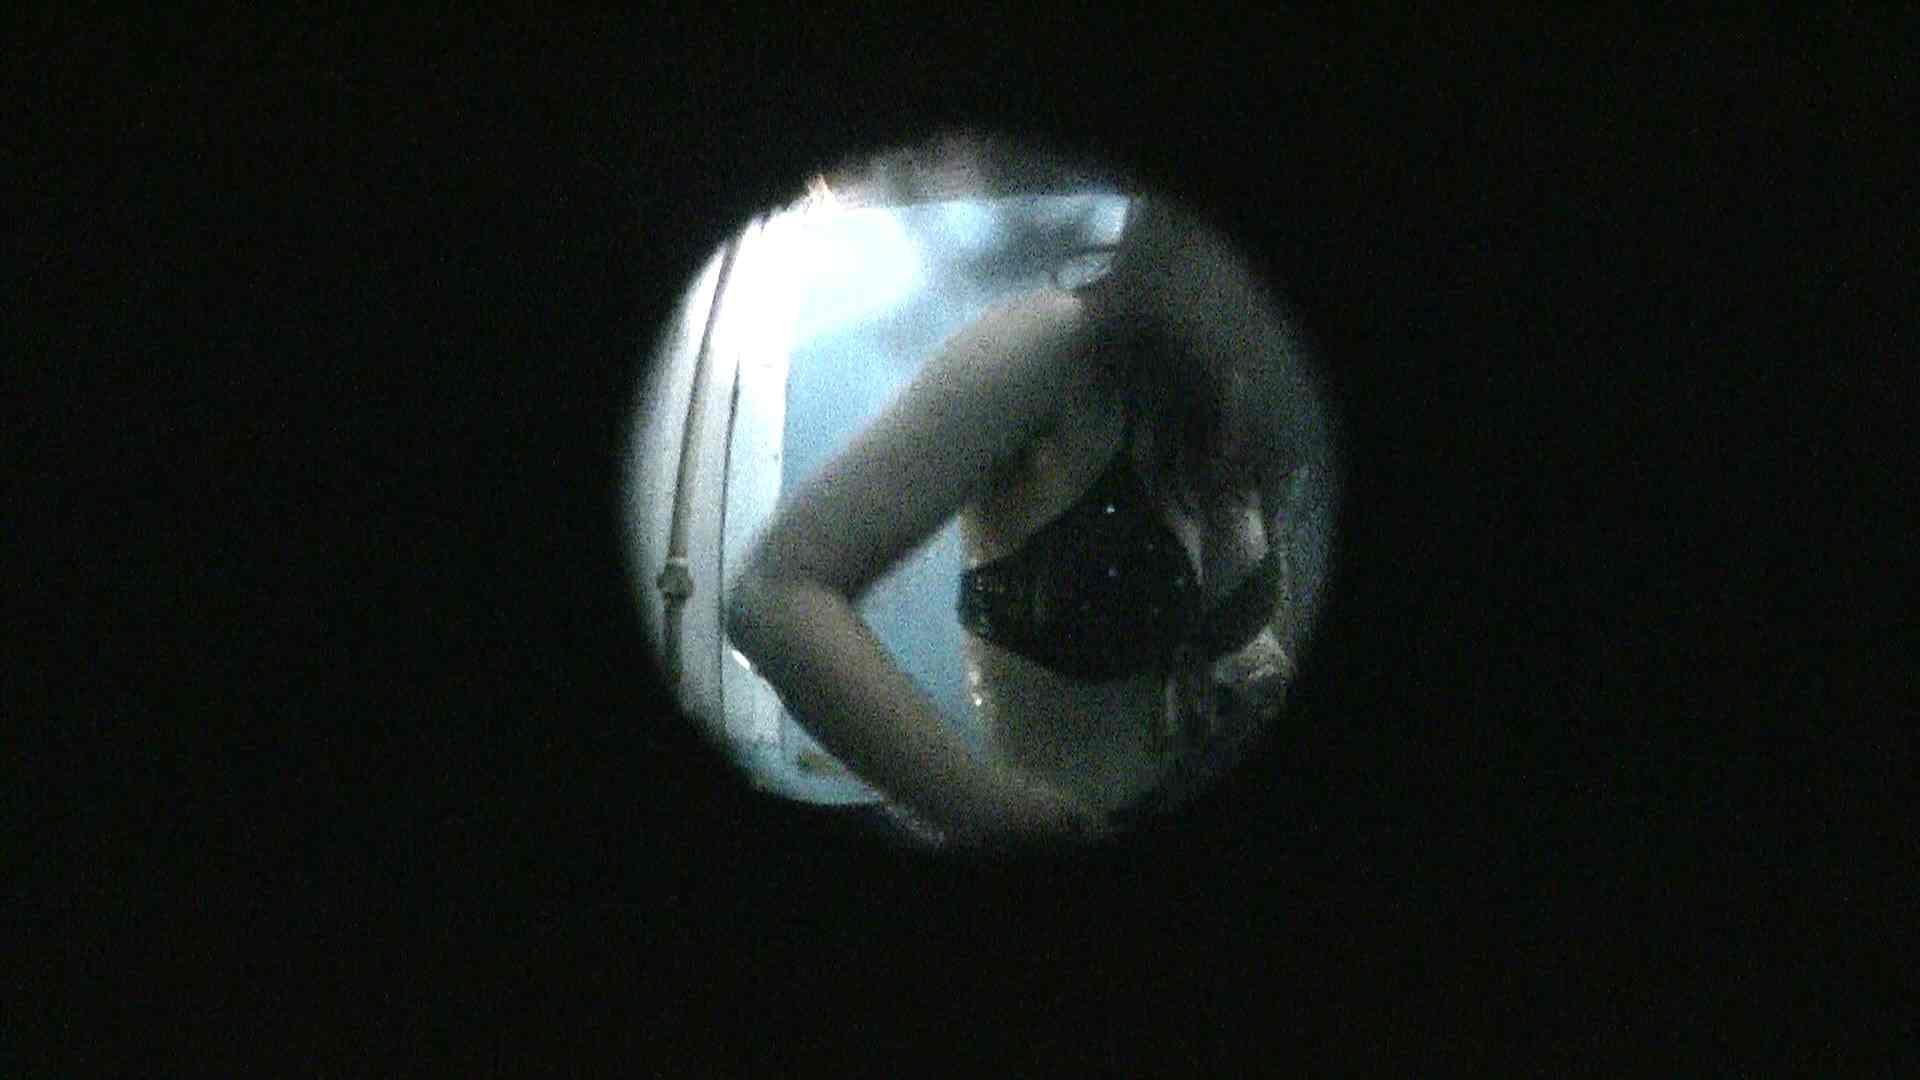 NO.13 暗いですが豪快な砂落としが好印象 シャワー室  89pic 51